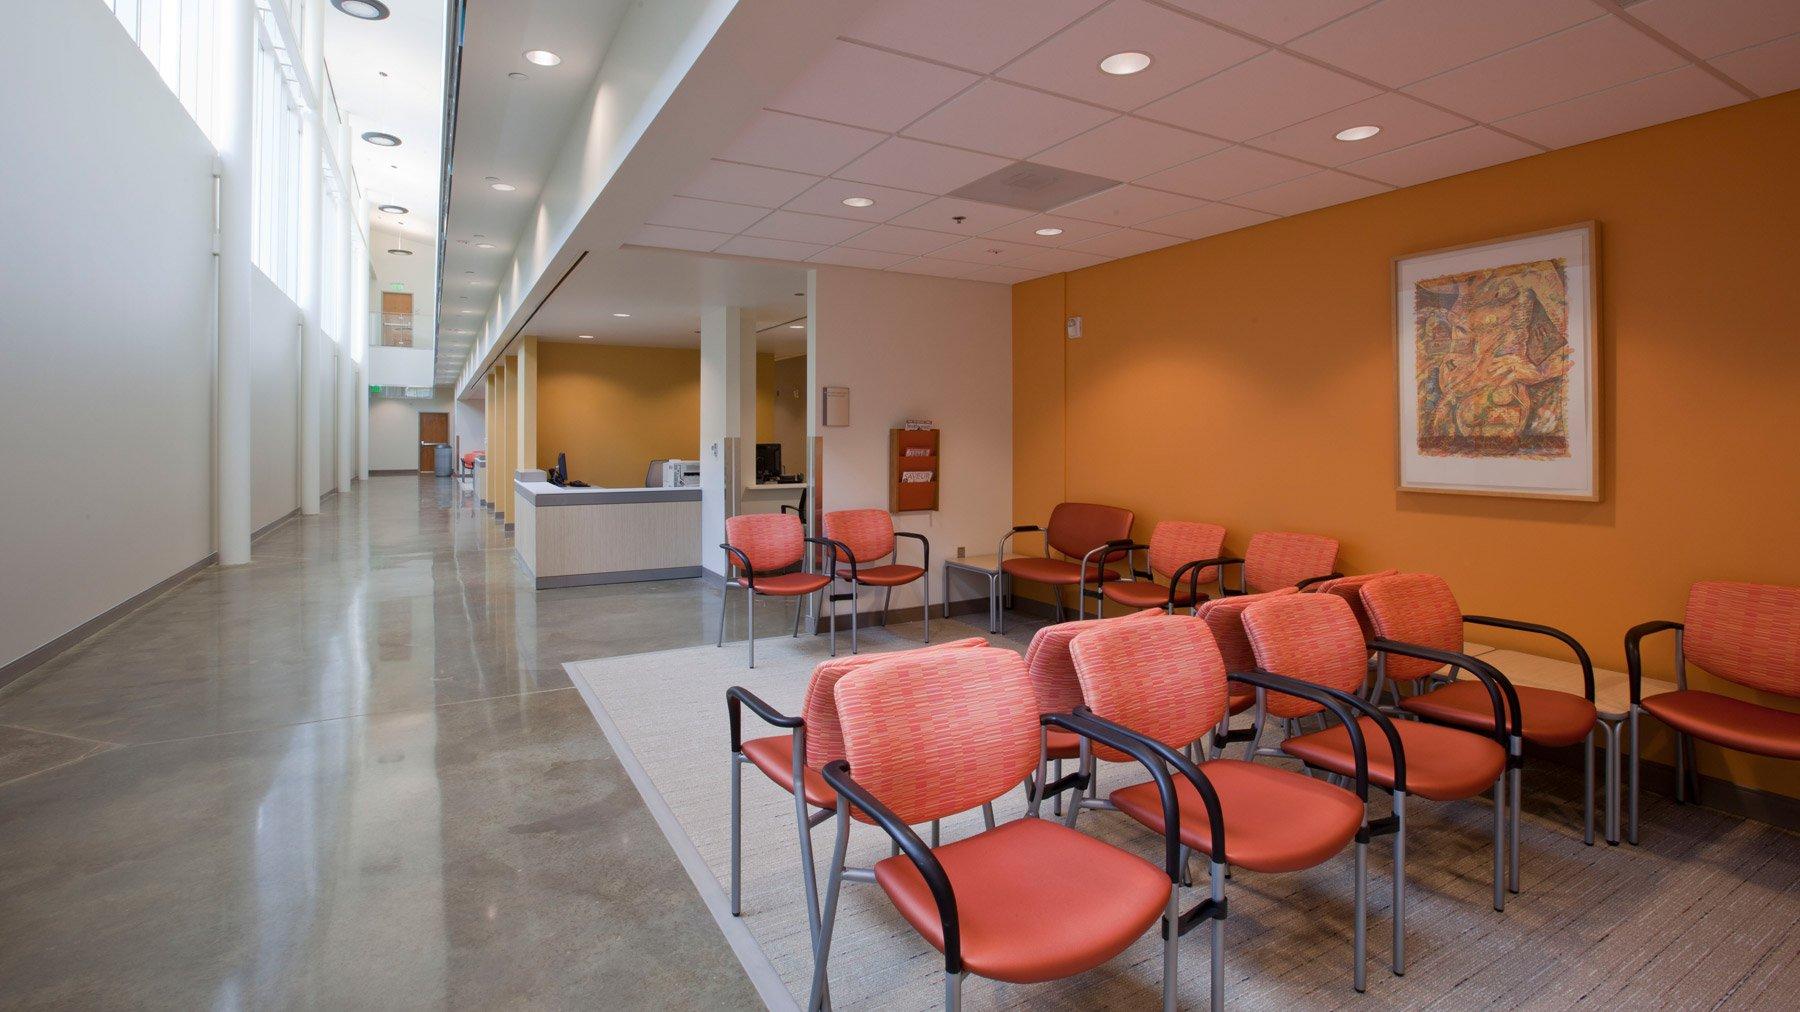 02 Adamsville Regional Health Center